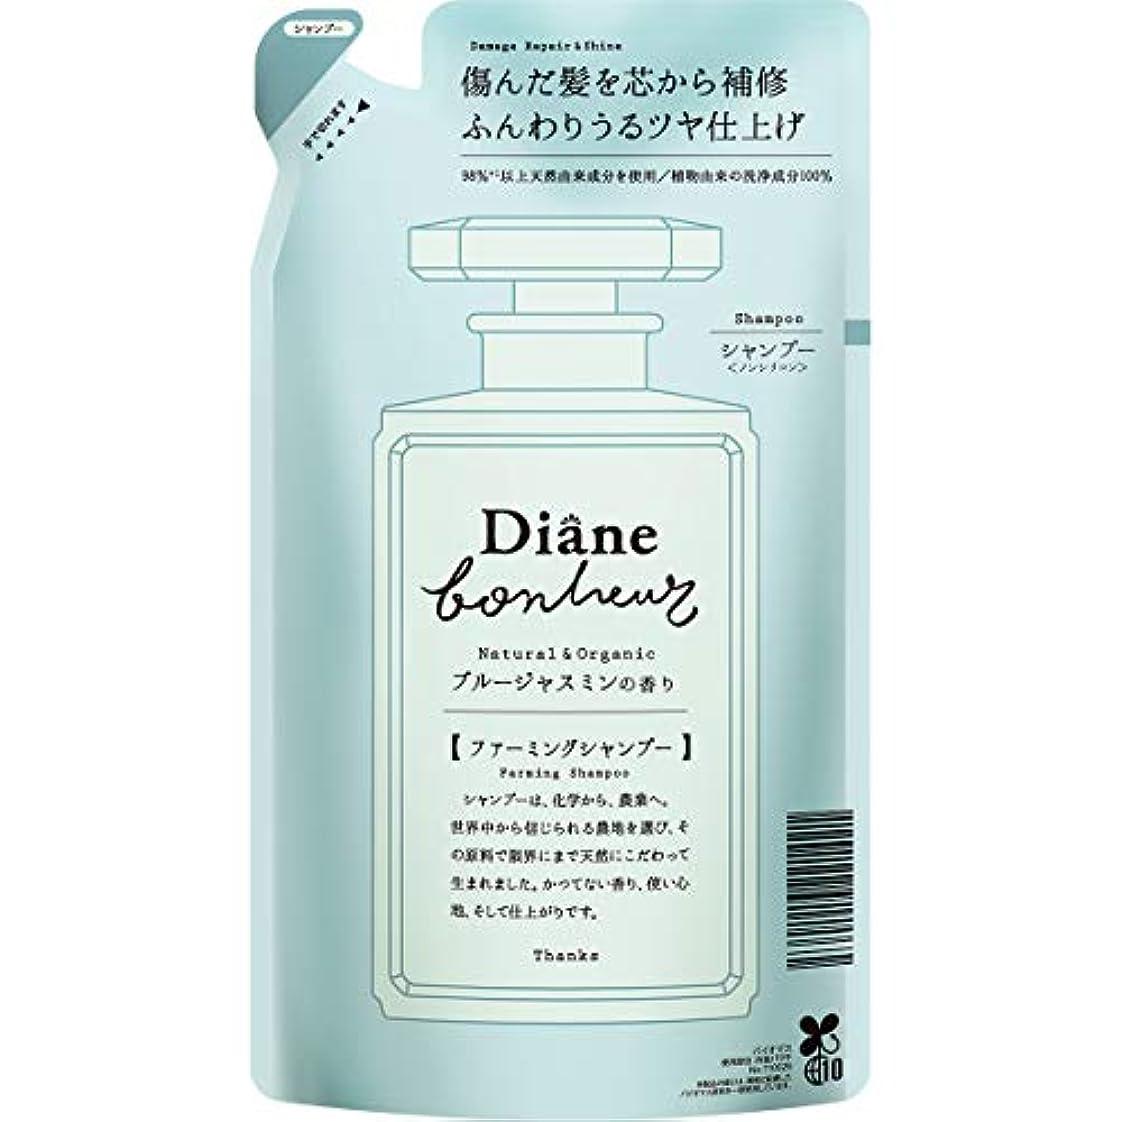 フェンス虐待検証ダイアン ボヌール シャンプー ブルージャスミンの香り ダメージリペア&シャイン 詰め替え 400ml